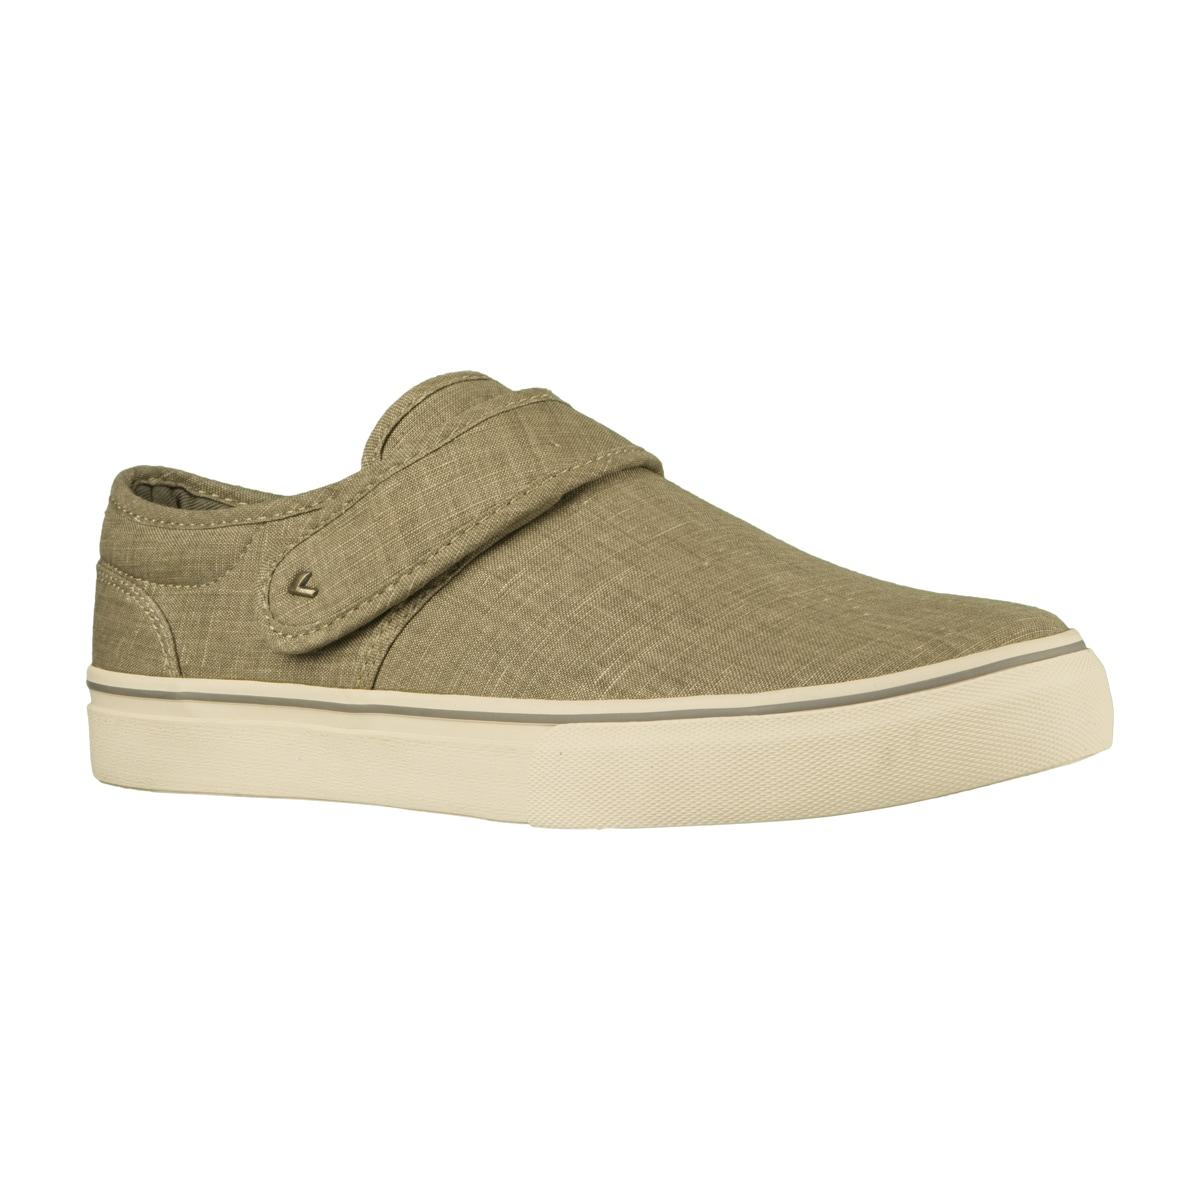 Lugz Men's Voyage Shoe